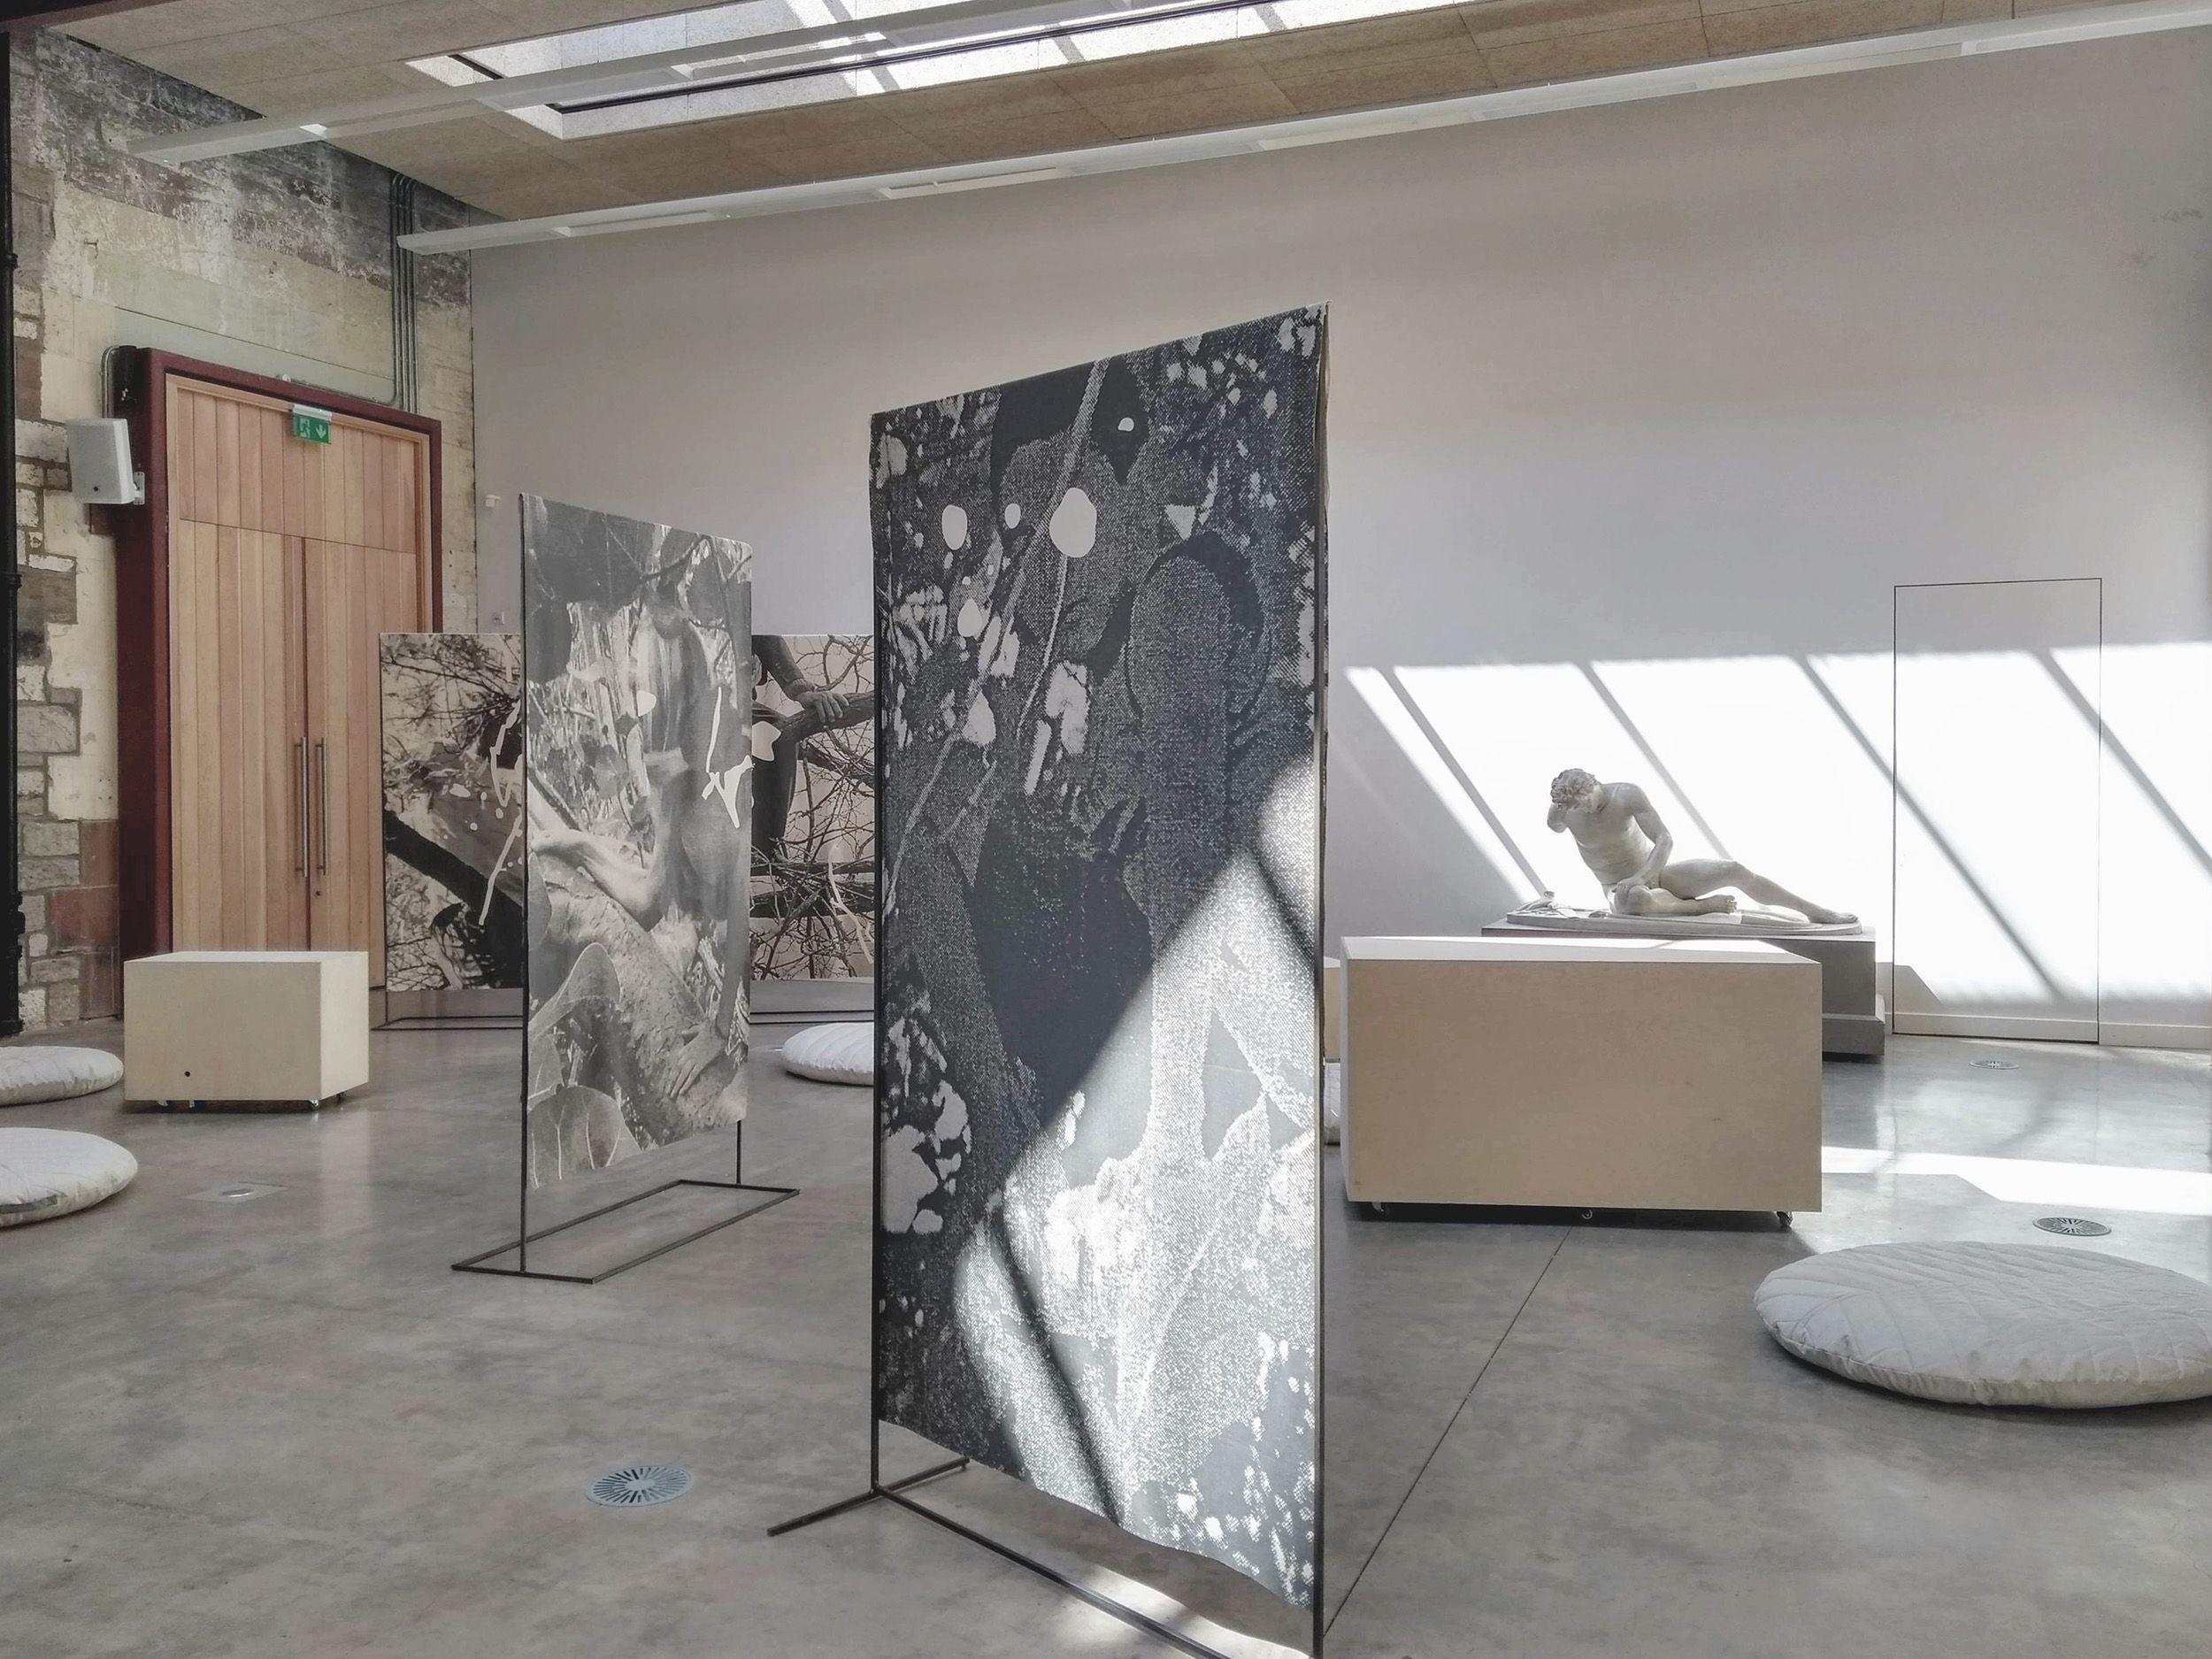 Sonikebana version 2, public installation, West Court Edinburgh, August 2019, image by Anna Chapman Parker